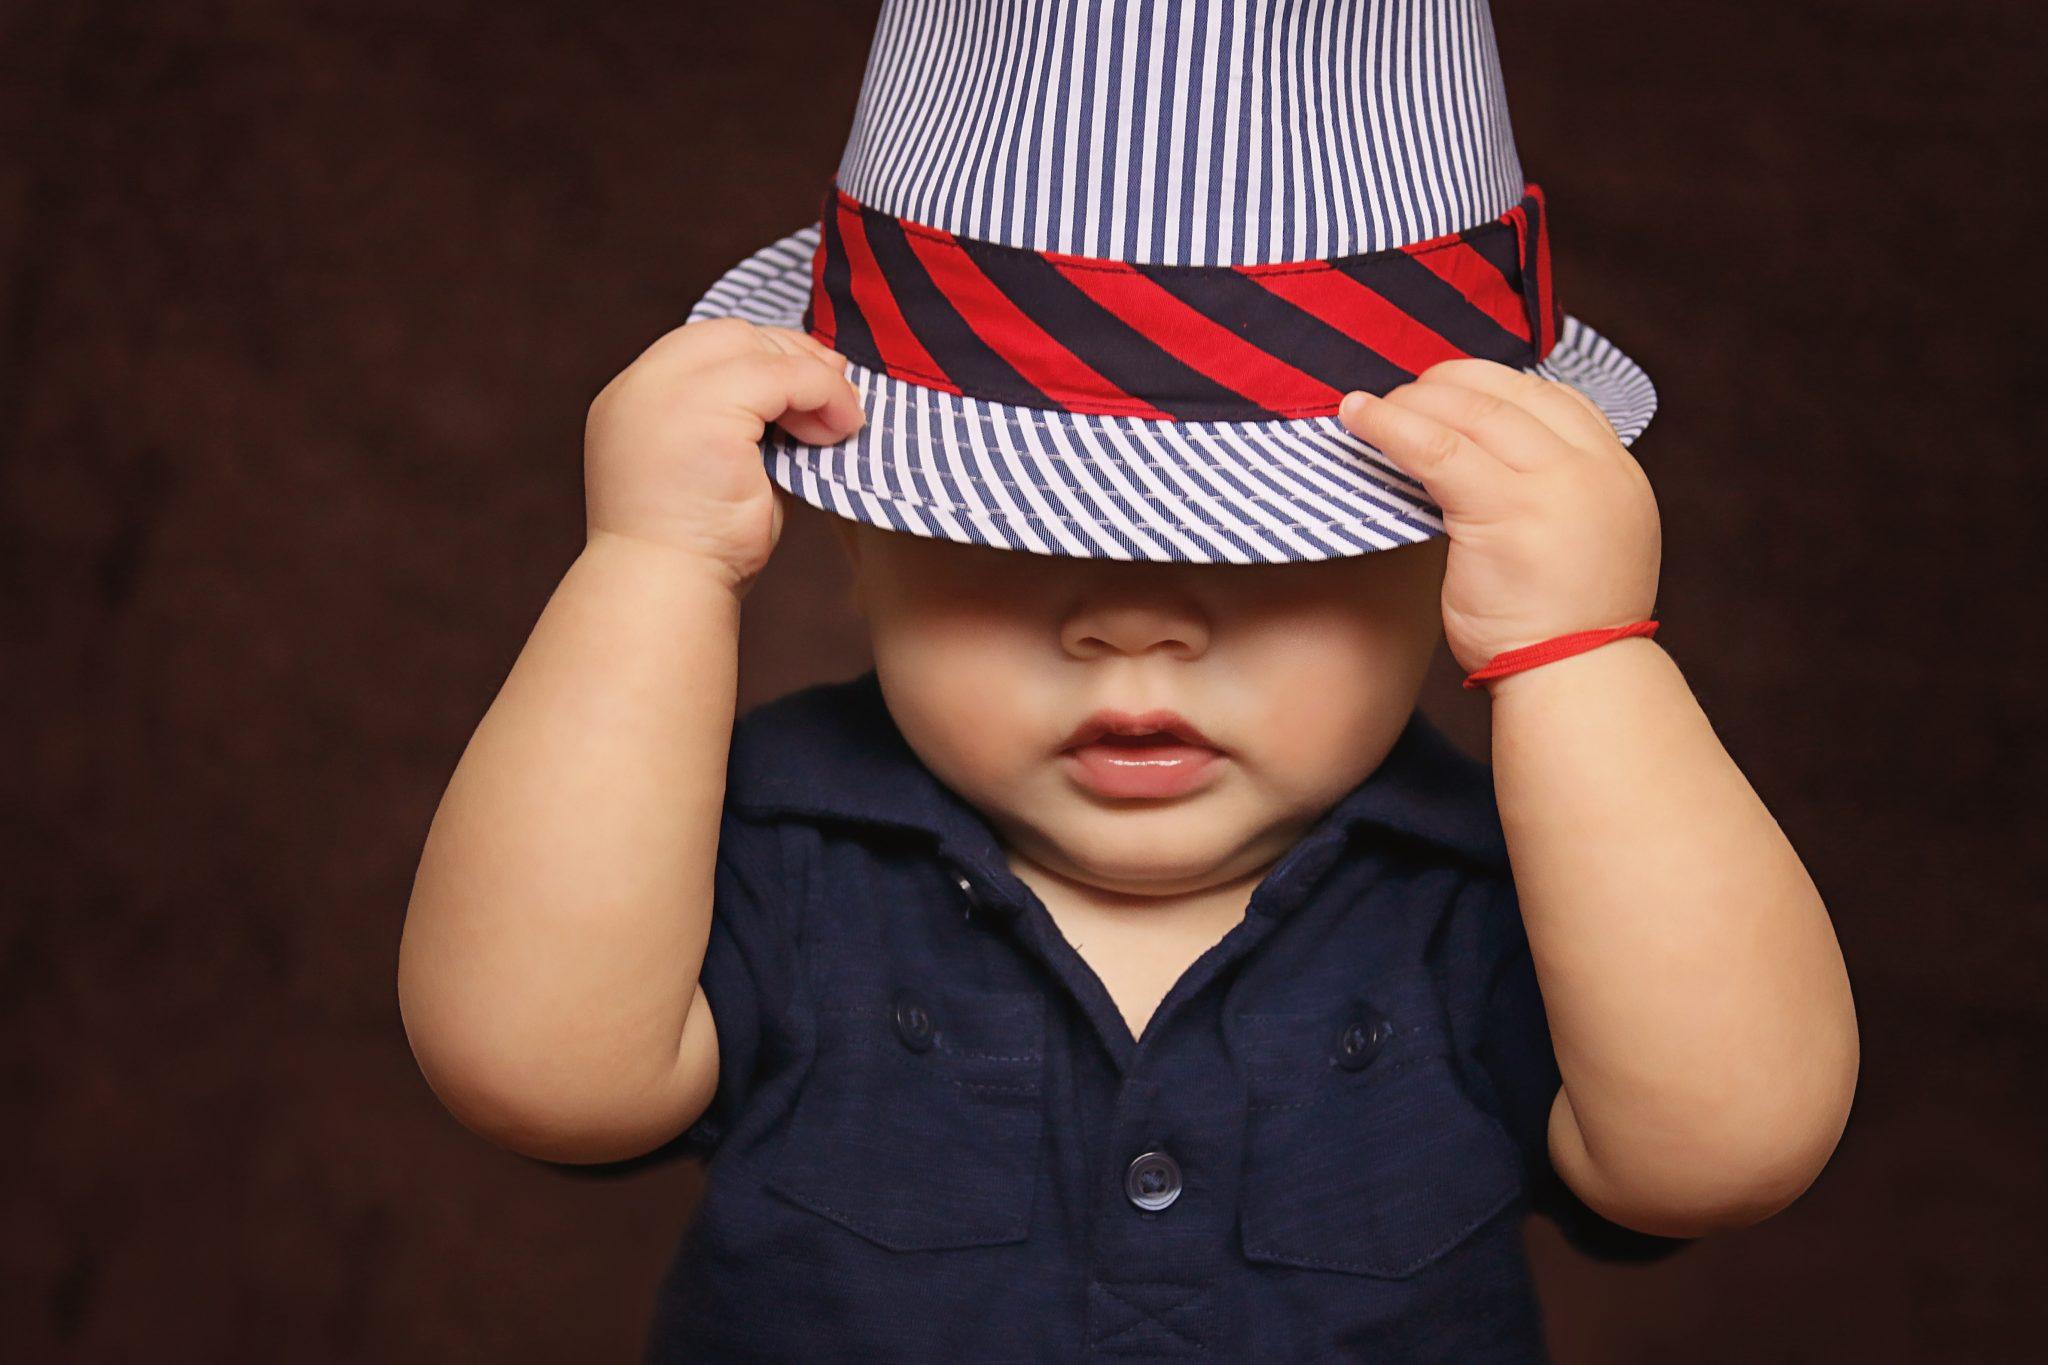 Geschenke Zur Geburt 12 Ideen Fur Frischgebackene Eltern